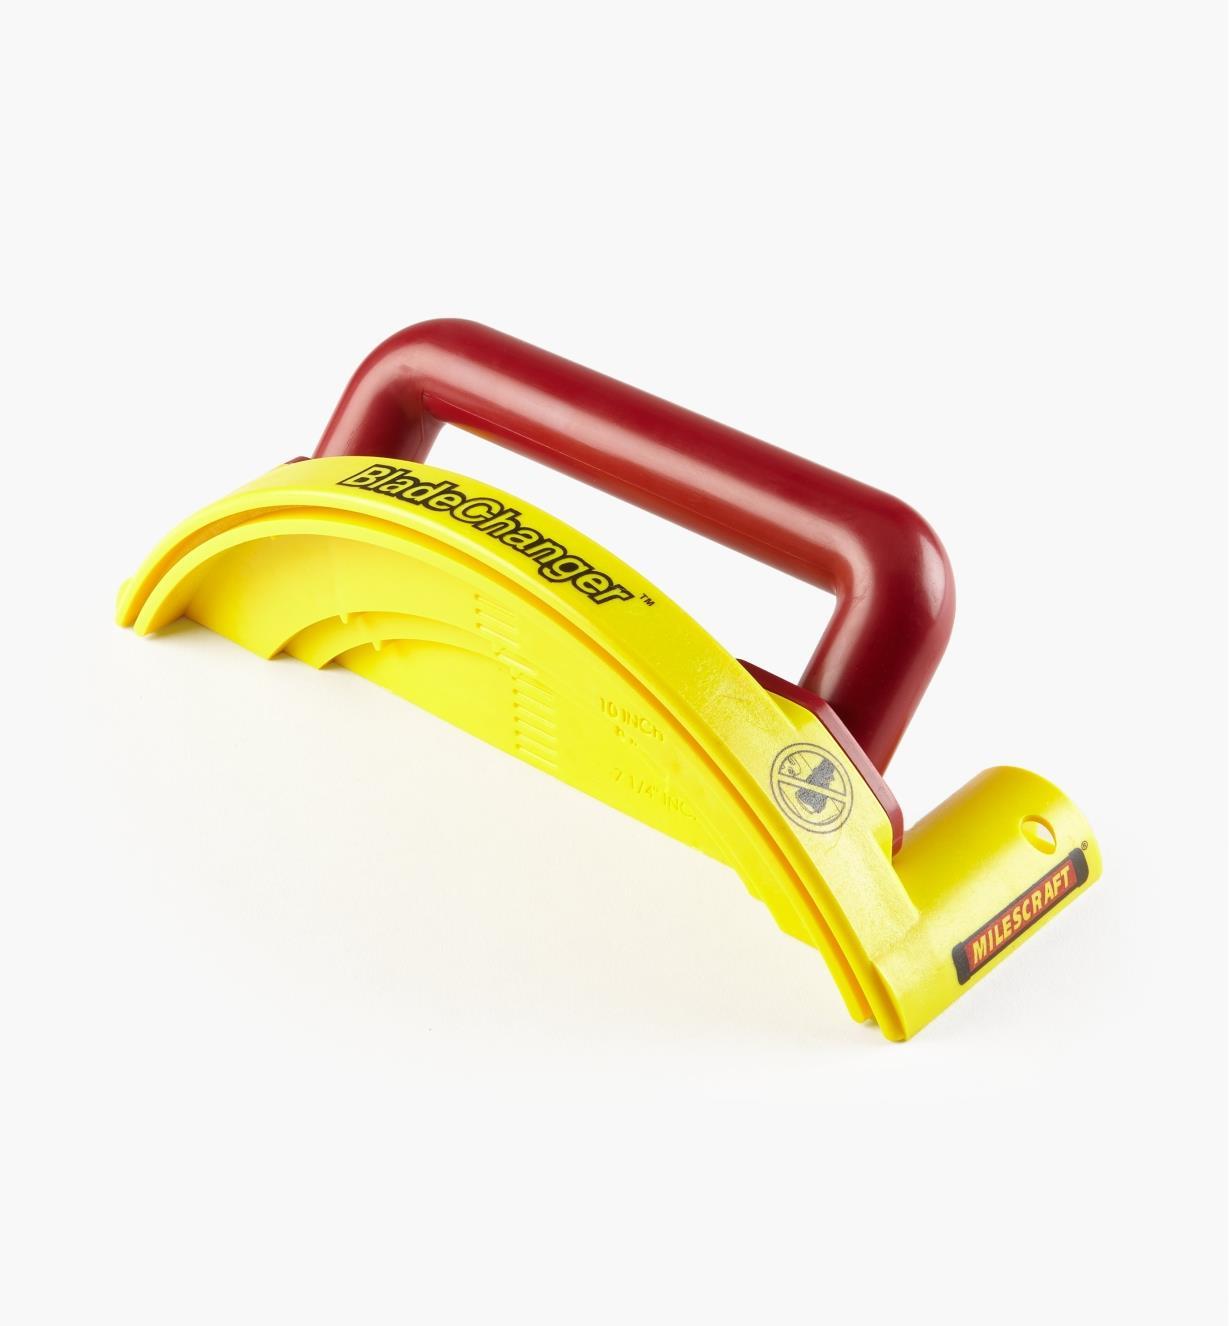 46J8345 - Blade-Changing Tool